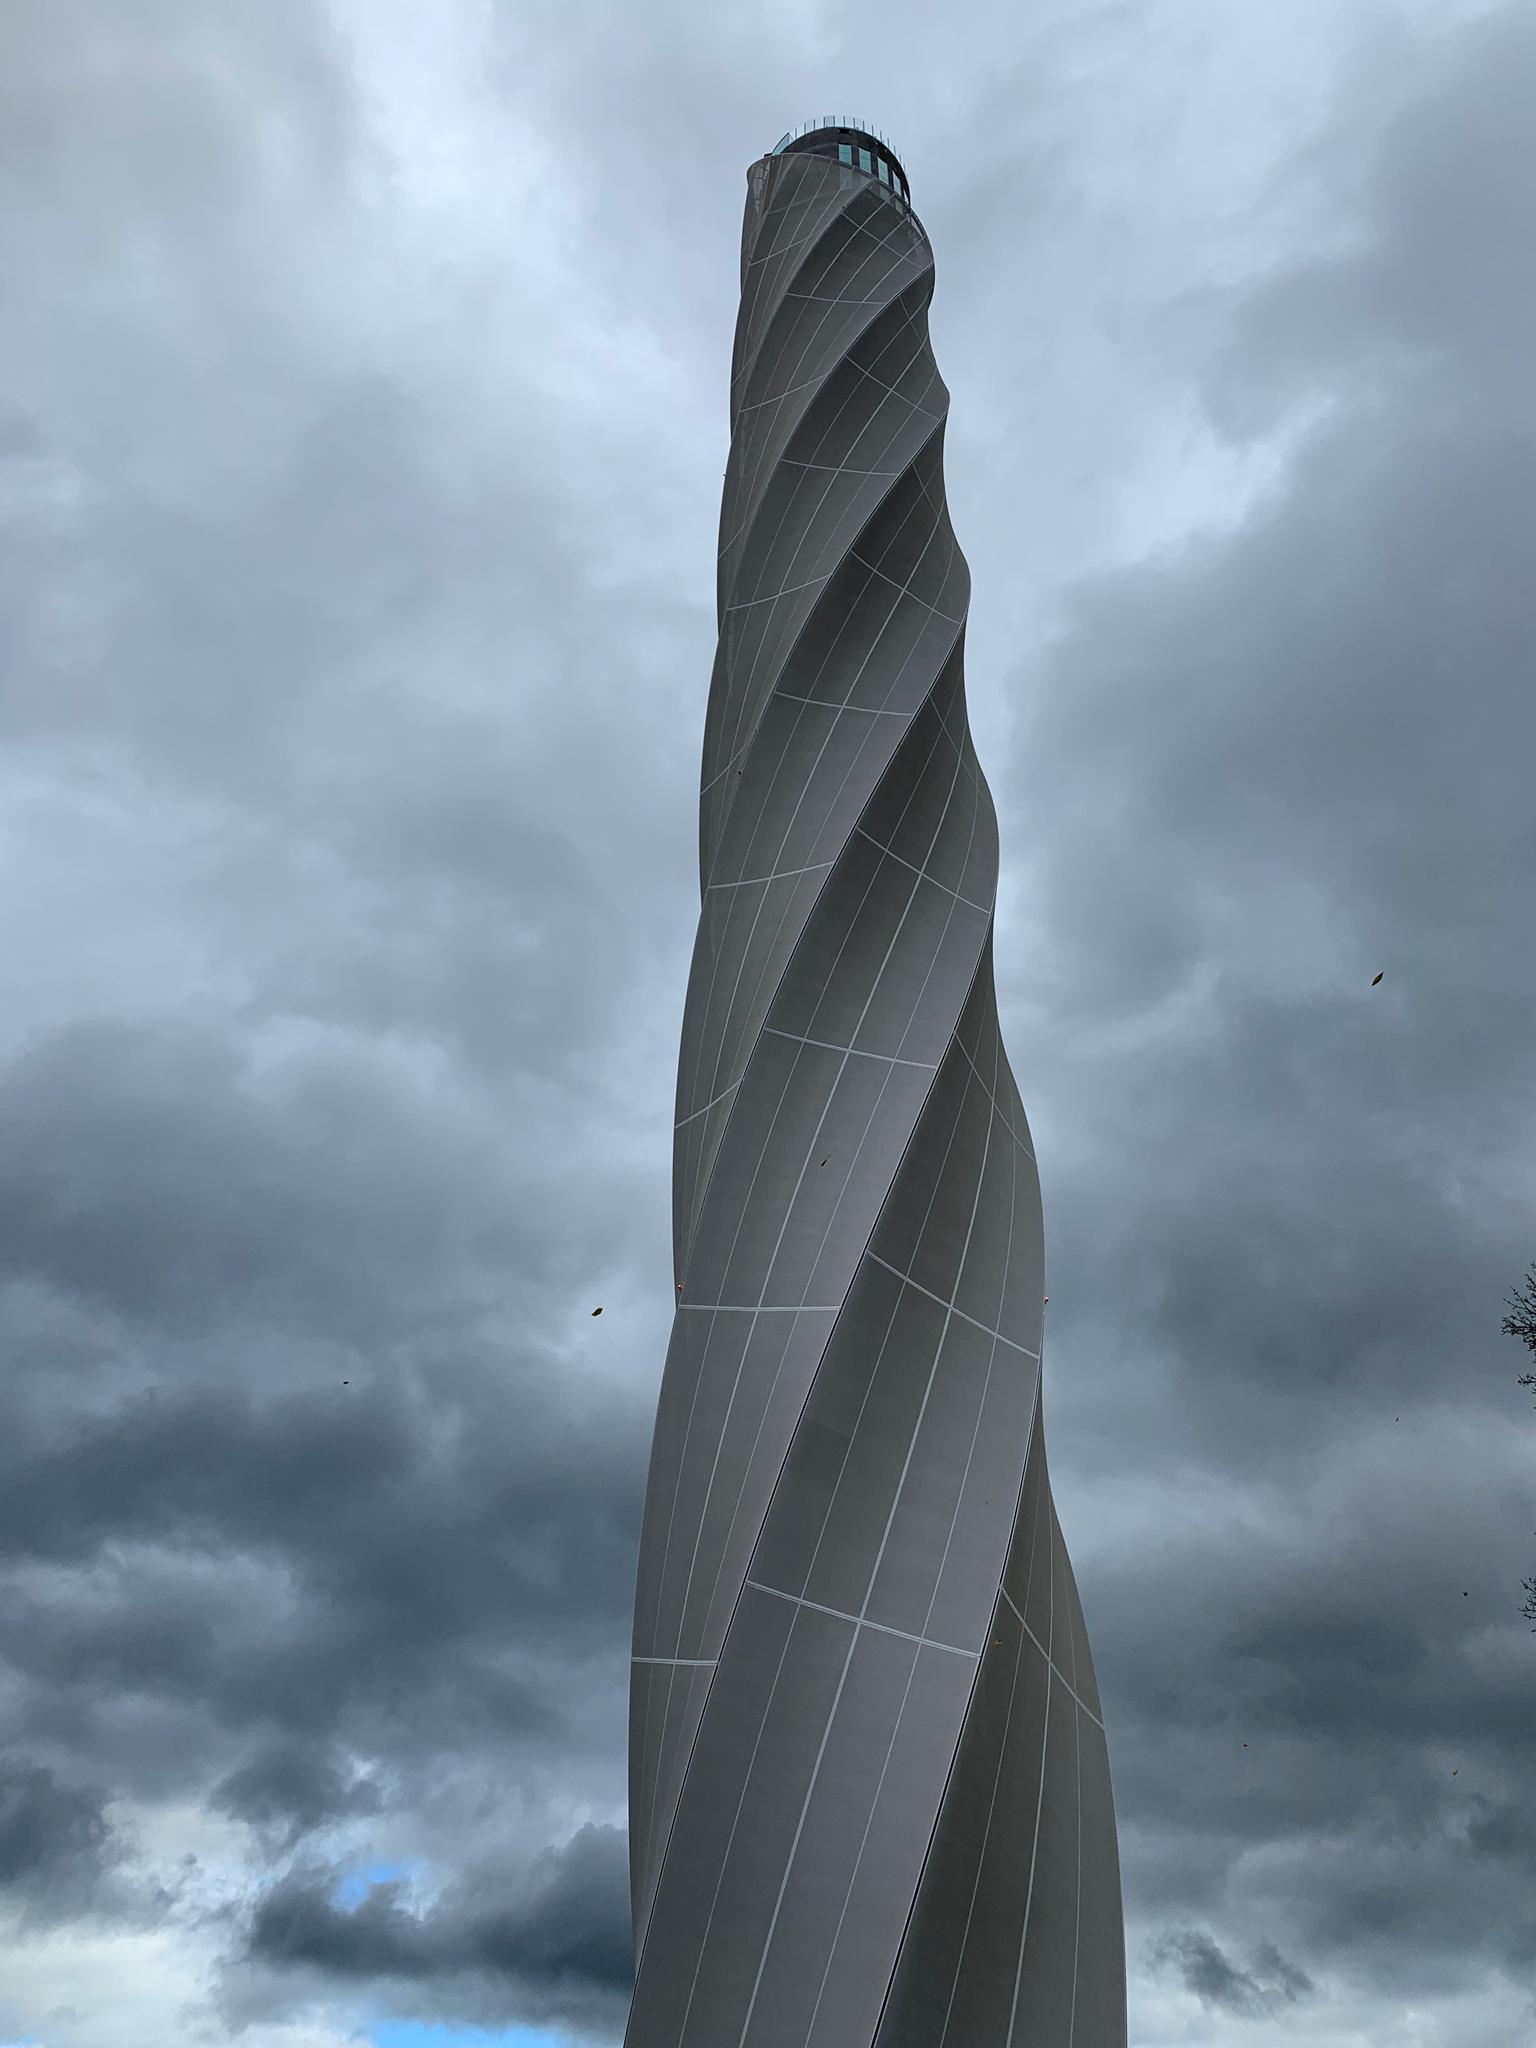 Der Turm von unten (Impossant)